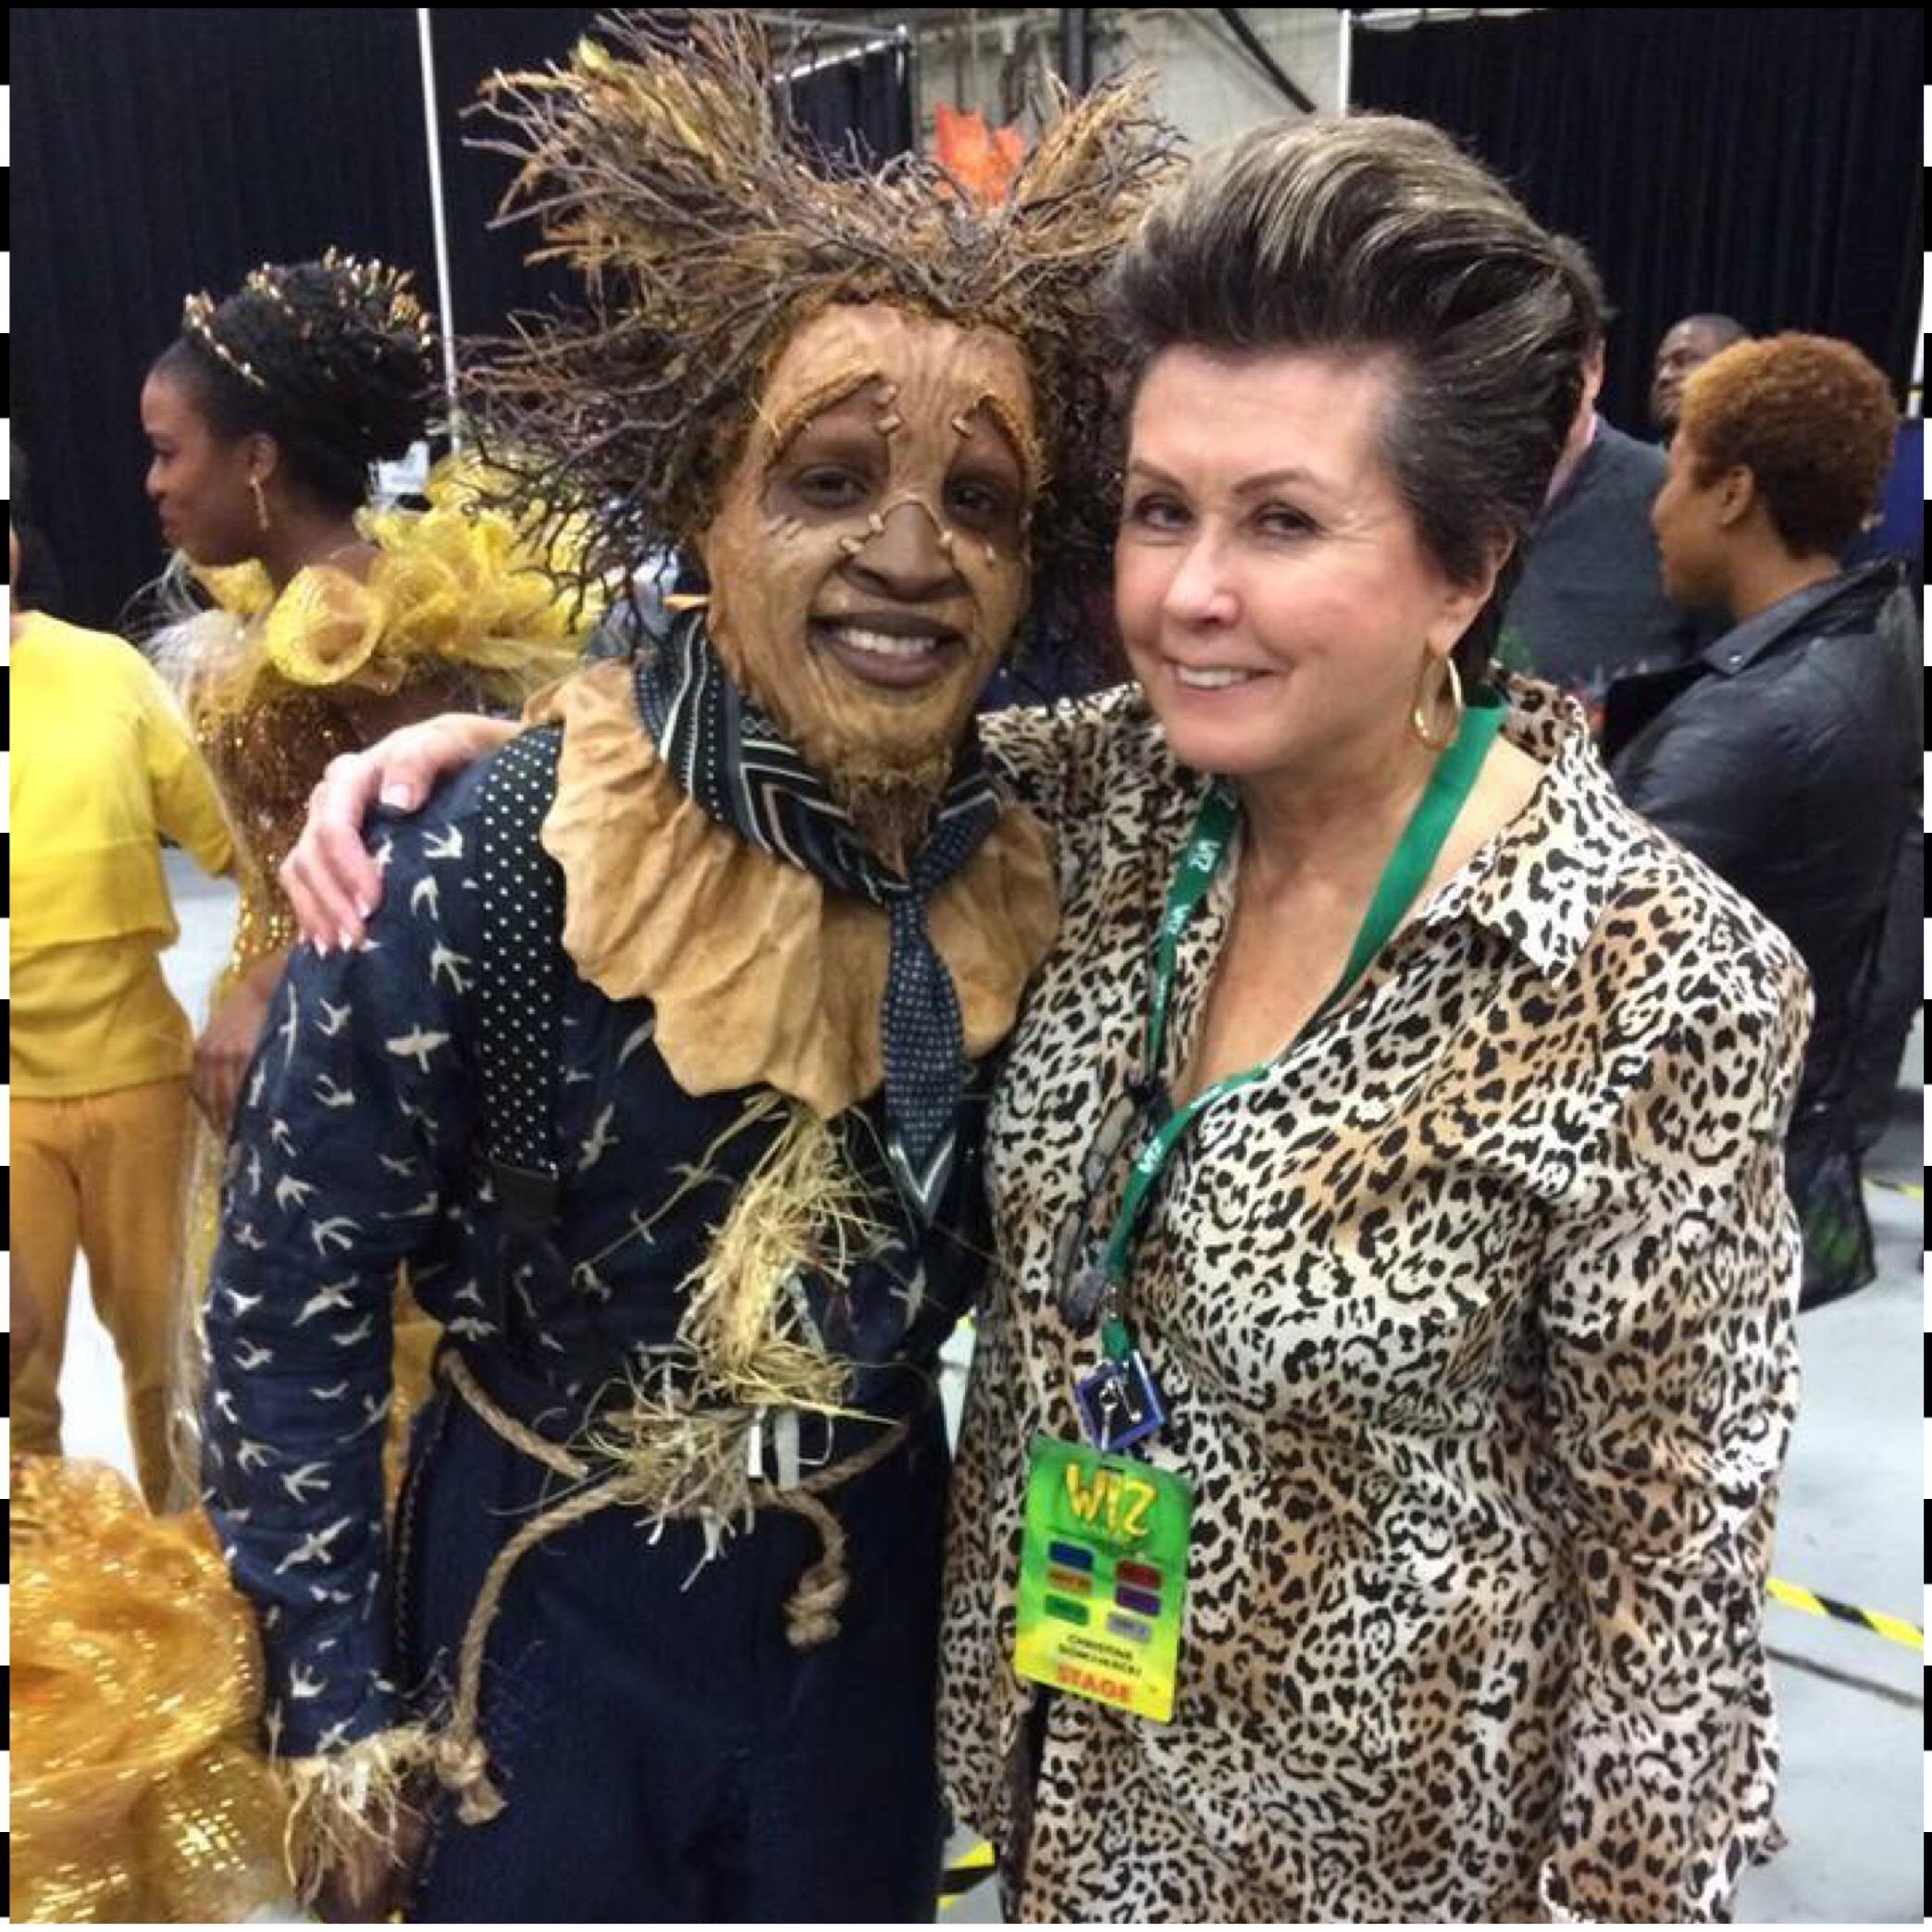 The Wiz Scarecrow Makeup | Wajimakeup co